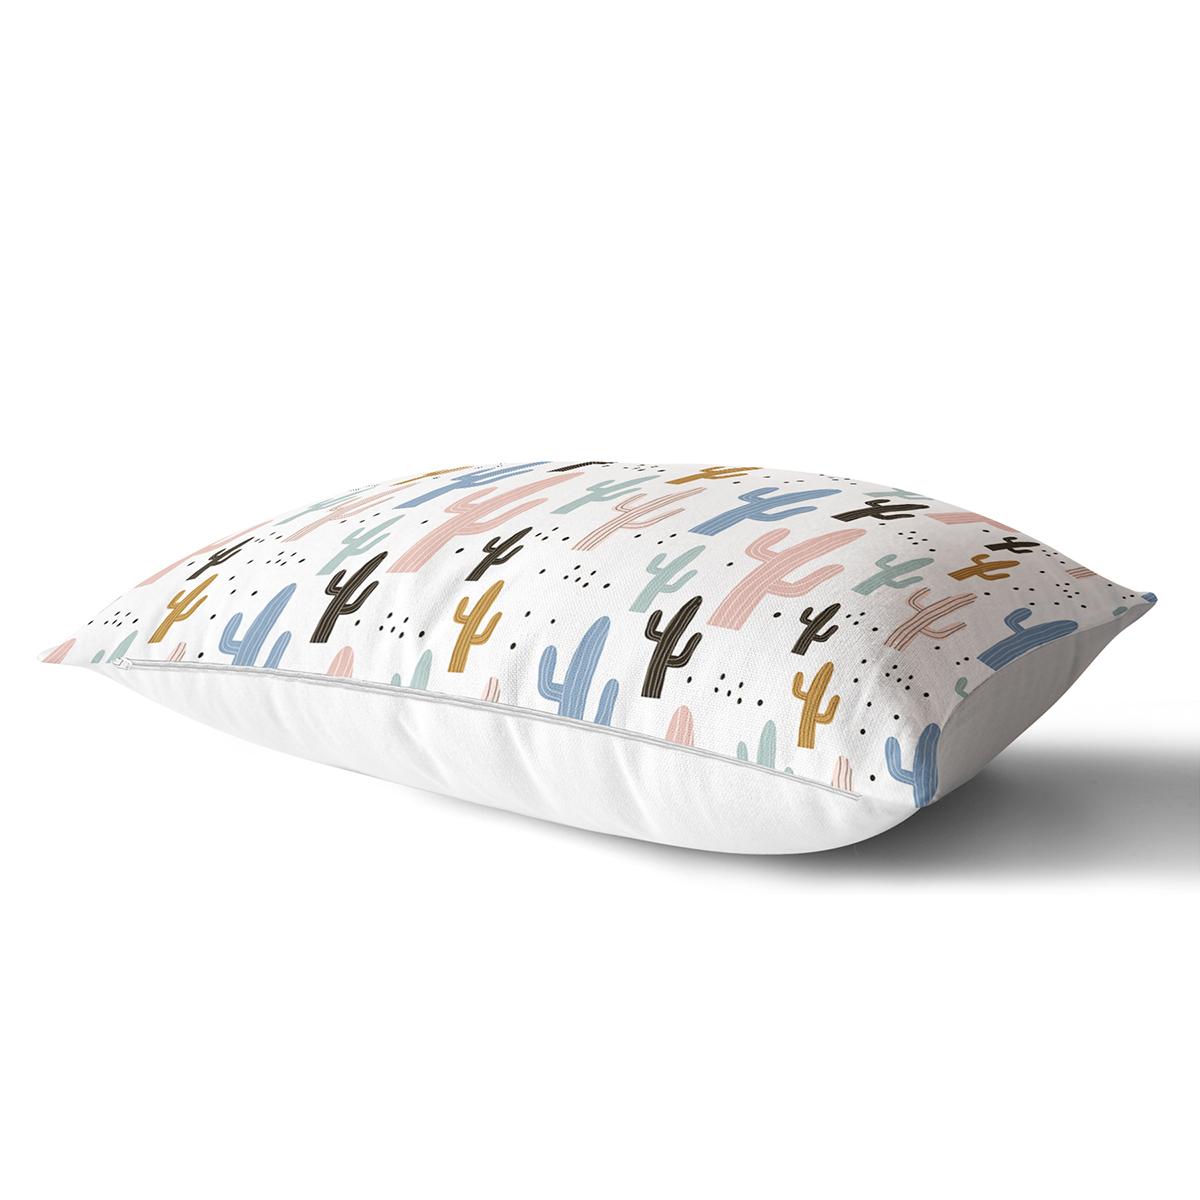 Beyaz Zeminli Renkli Kaktüs Desenli Dijital Baskılı Modern Dikdörtgen Yastık Kırlent Kılıfı Realhomes